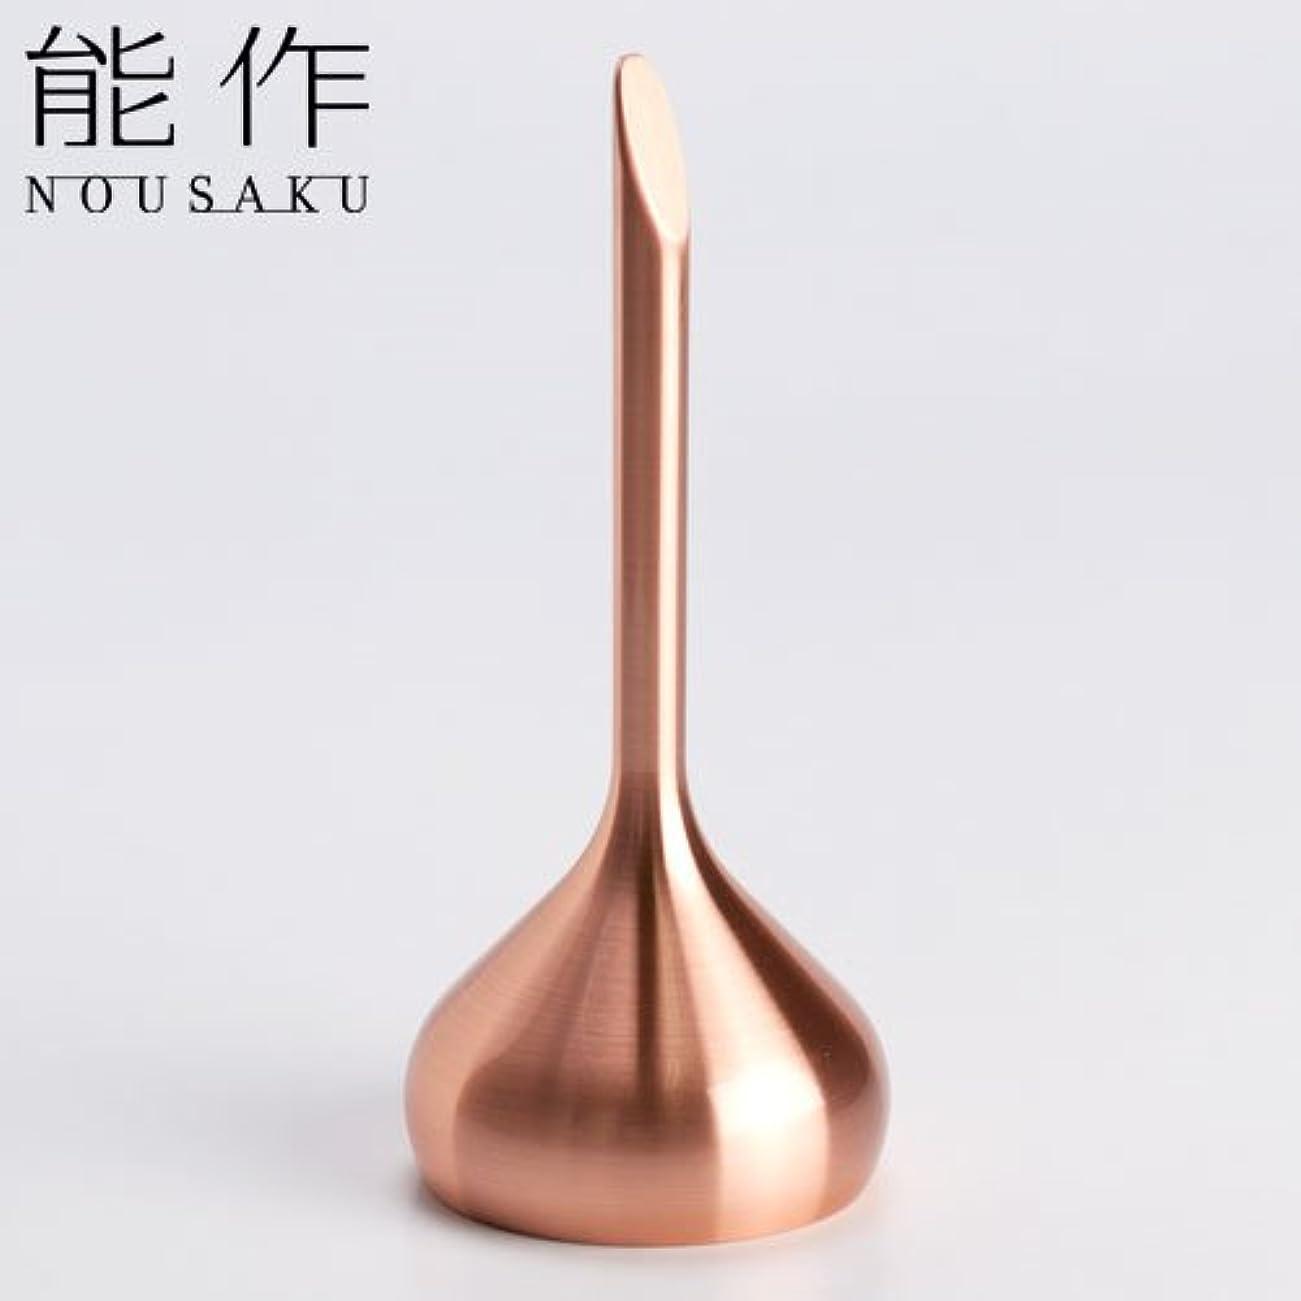 スイッチ満了電化する能作 ベル(呼び鈴)オニオンピンクゴールド能作真鍮製のインテリア?ホームアクセサリー卓上ベル